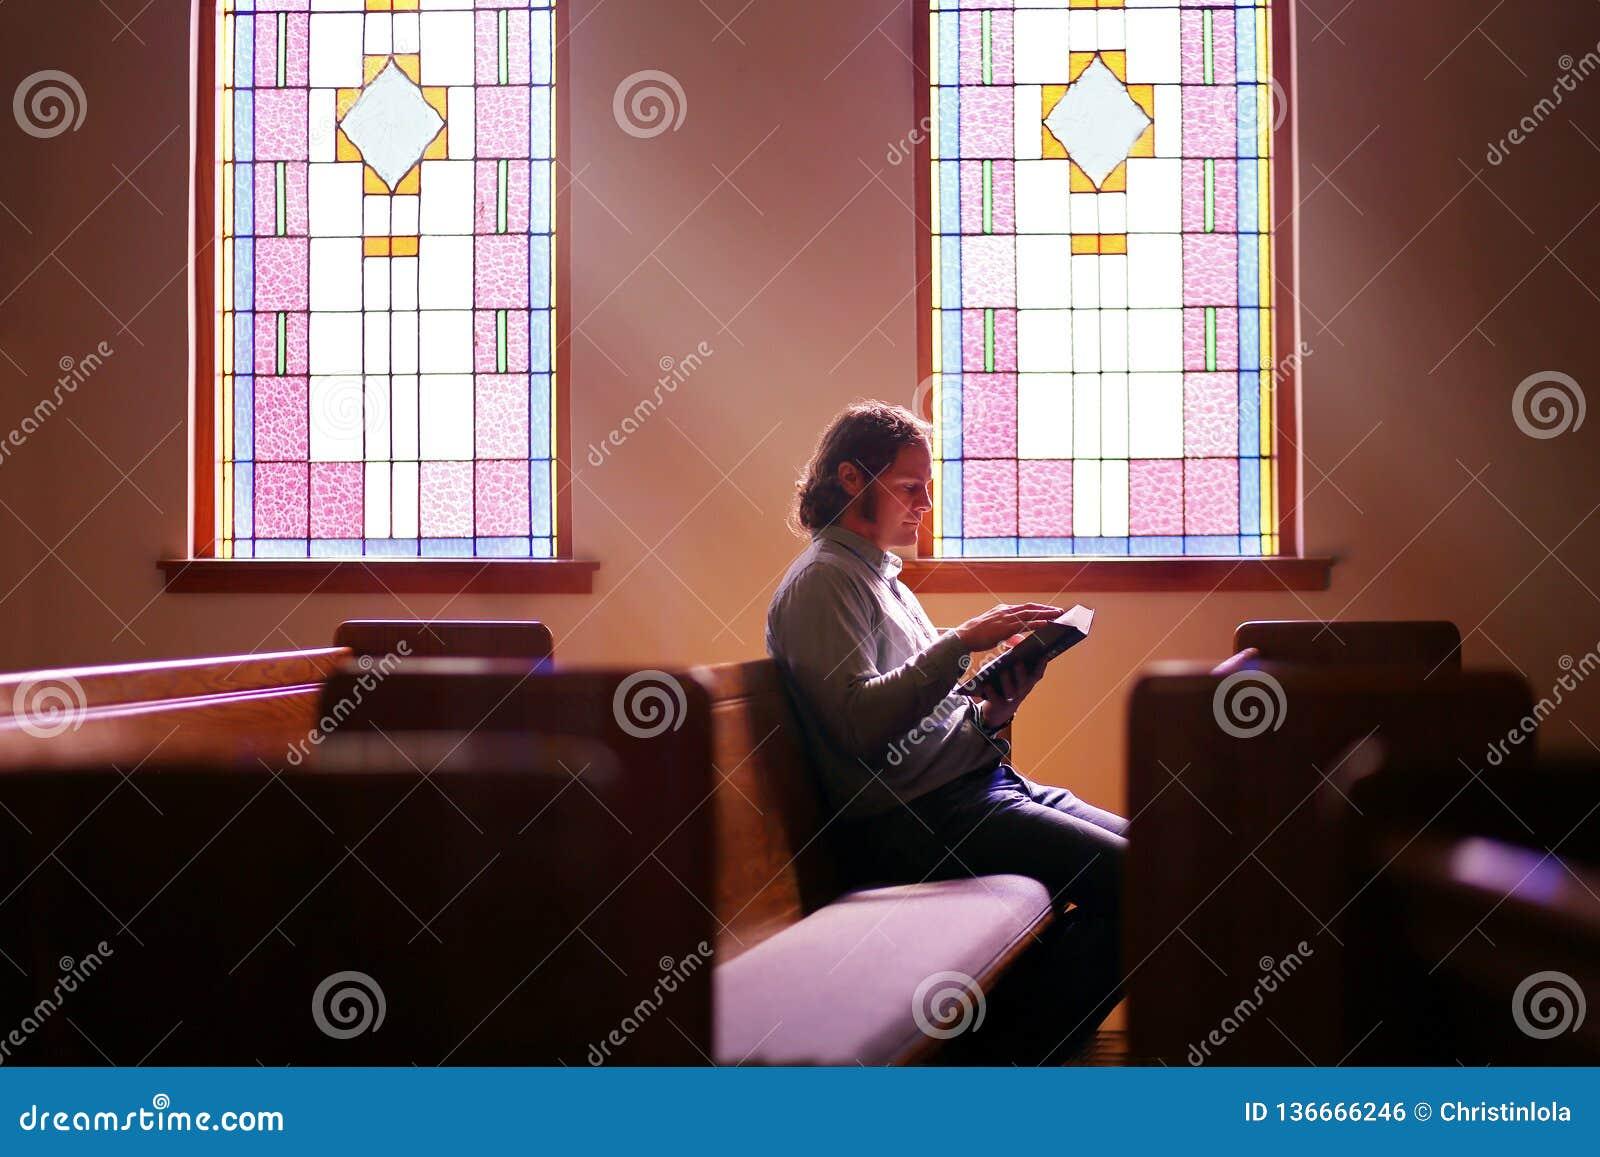 Christian Man Sitting Alone en banco vacío oscuro de la iglesia por el vitral brillante